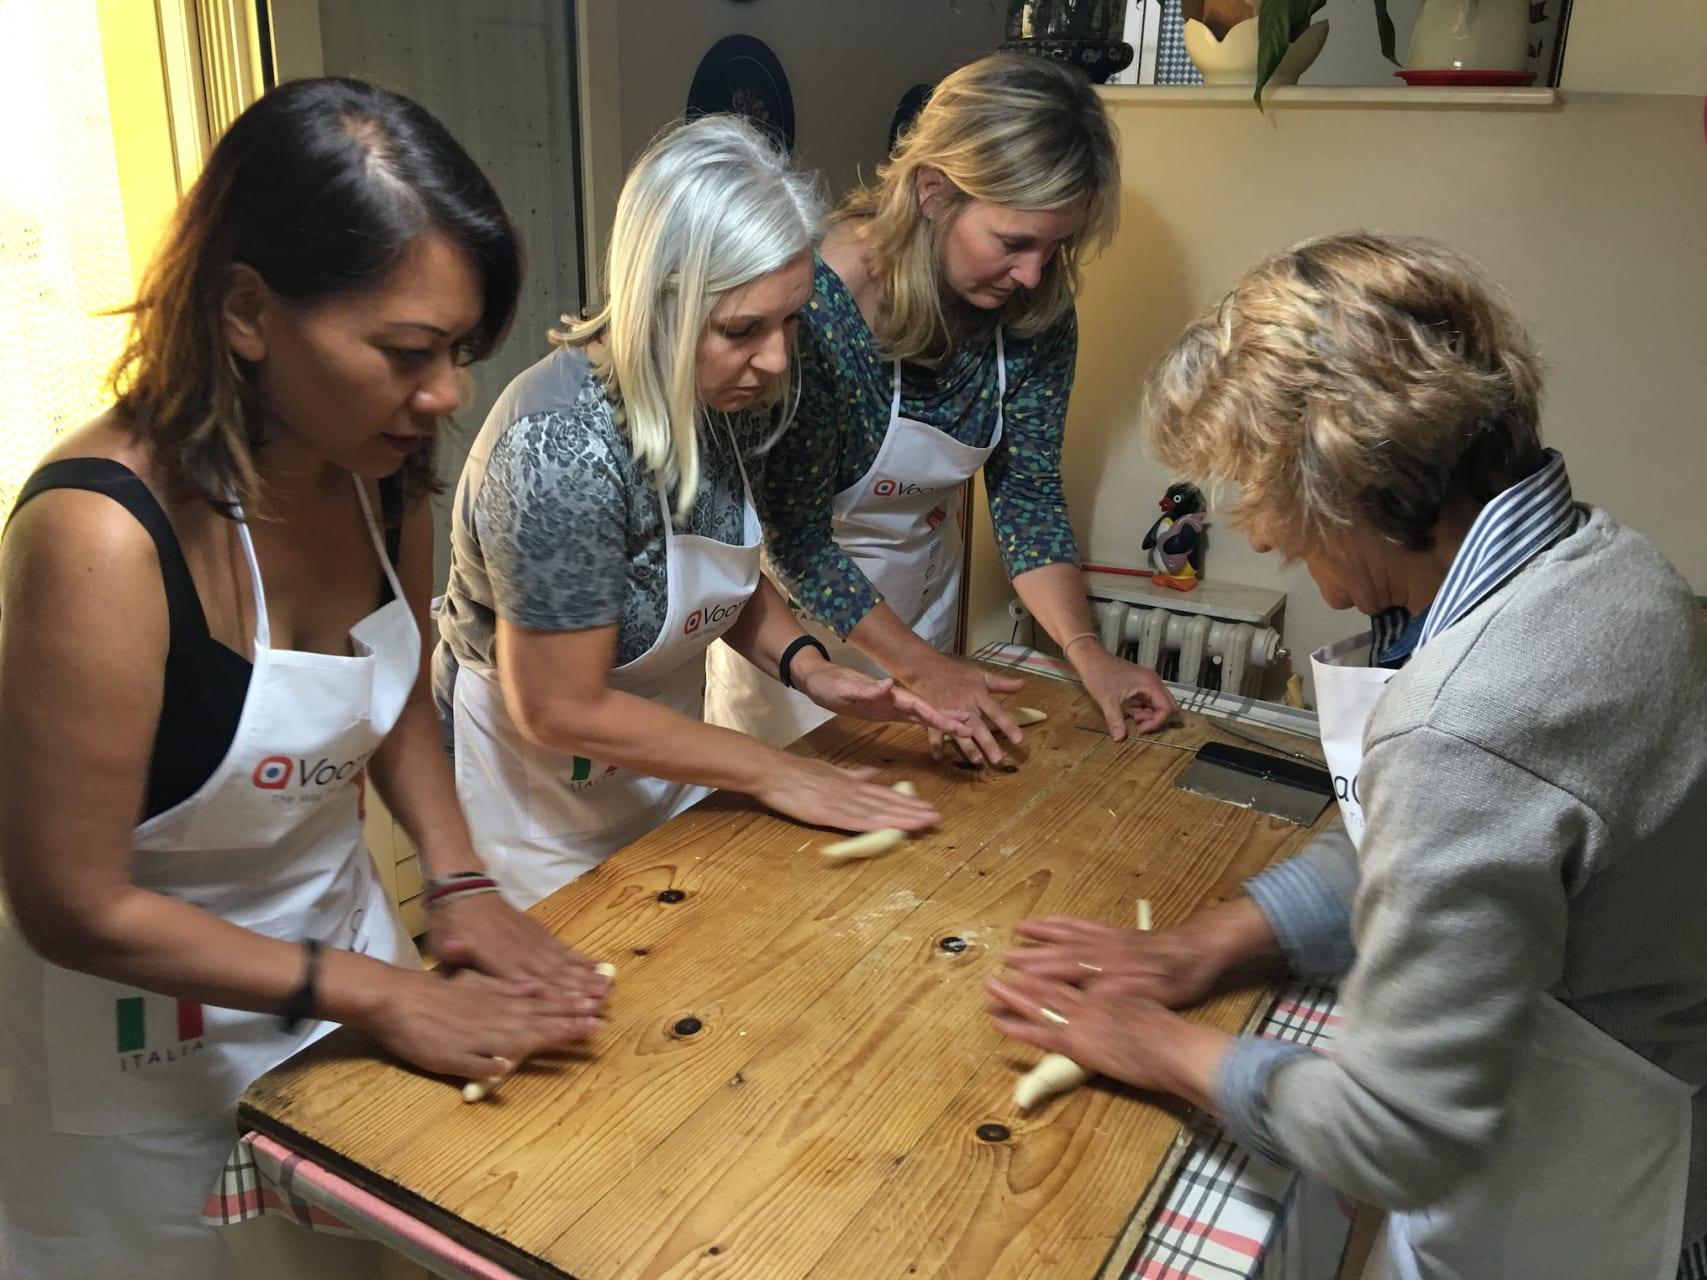 Puglia - Making Orecchiette Pasta with Mamma Anna